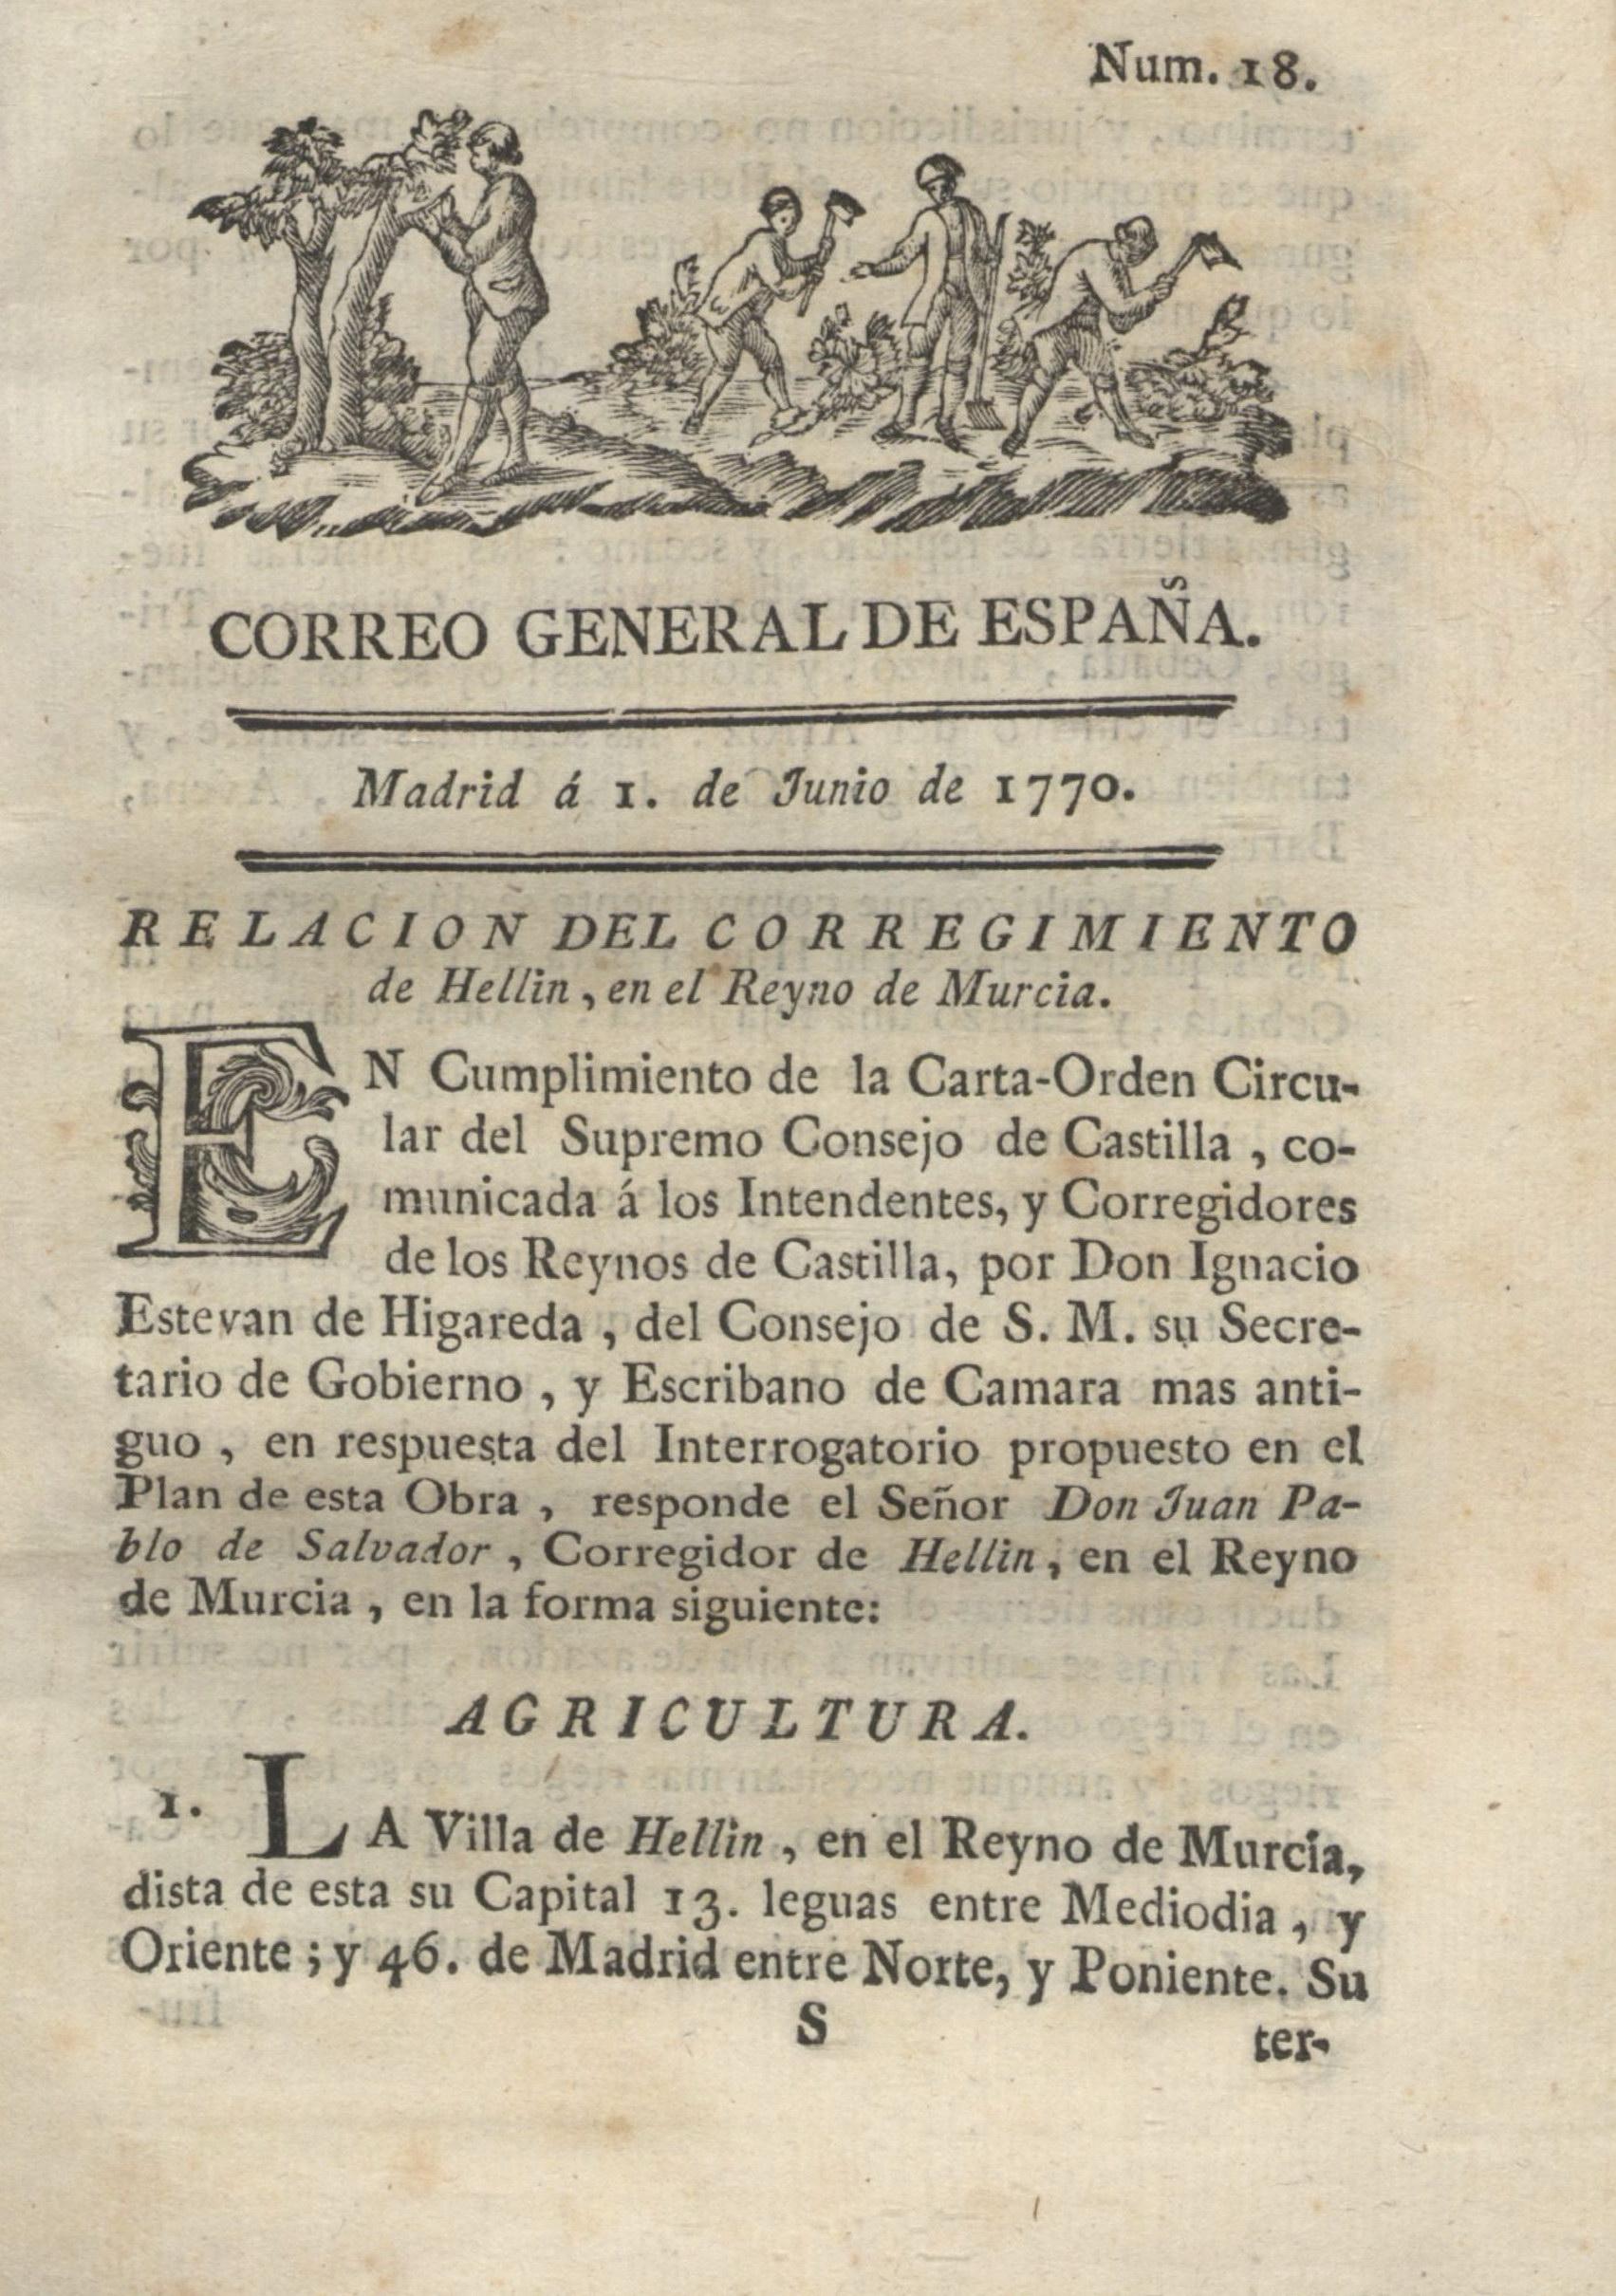 Relación del Corregimiento de Hellín, en el Reyno de Murcia